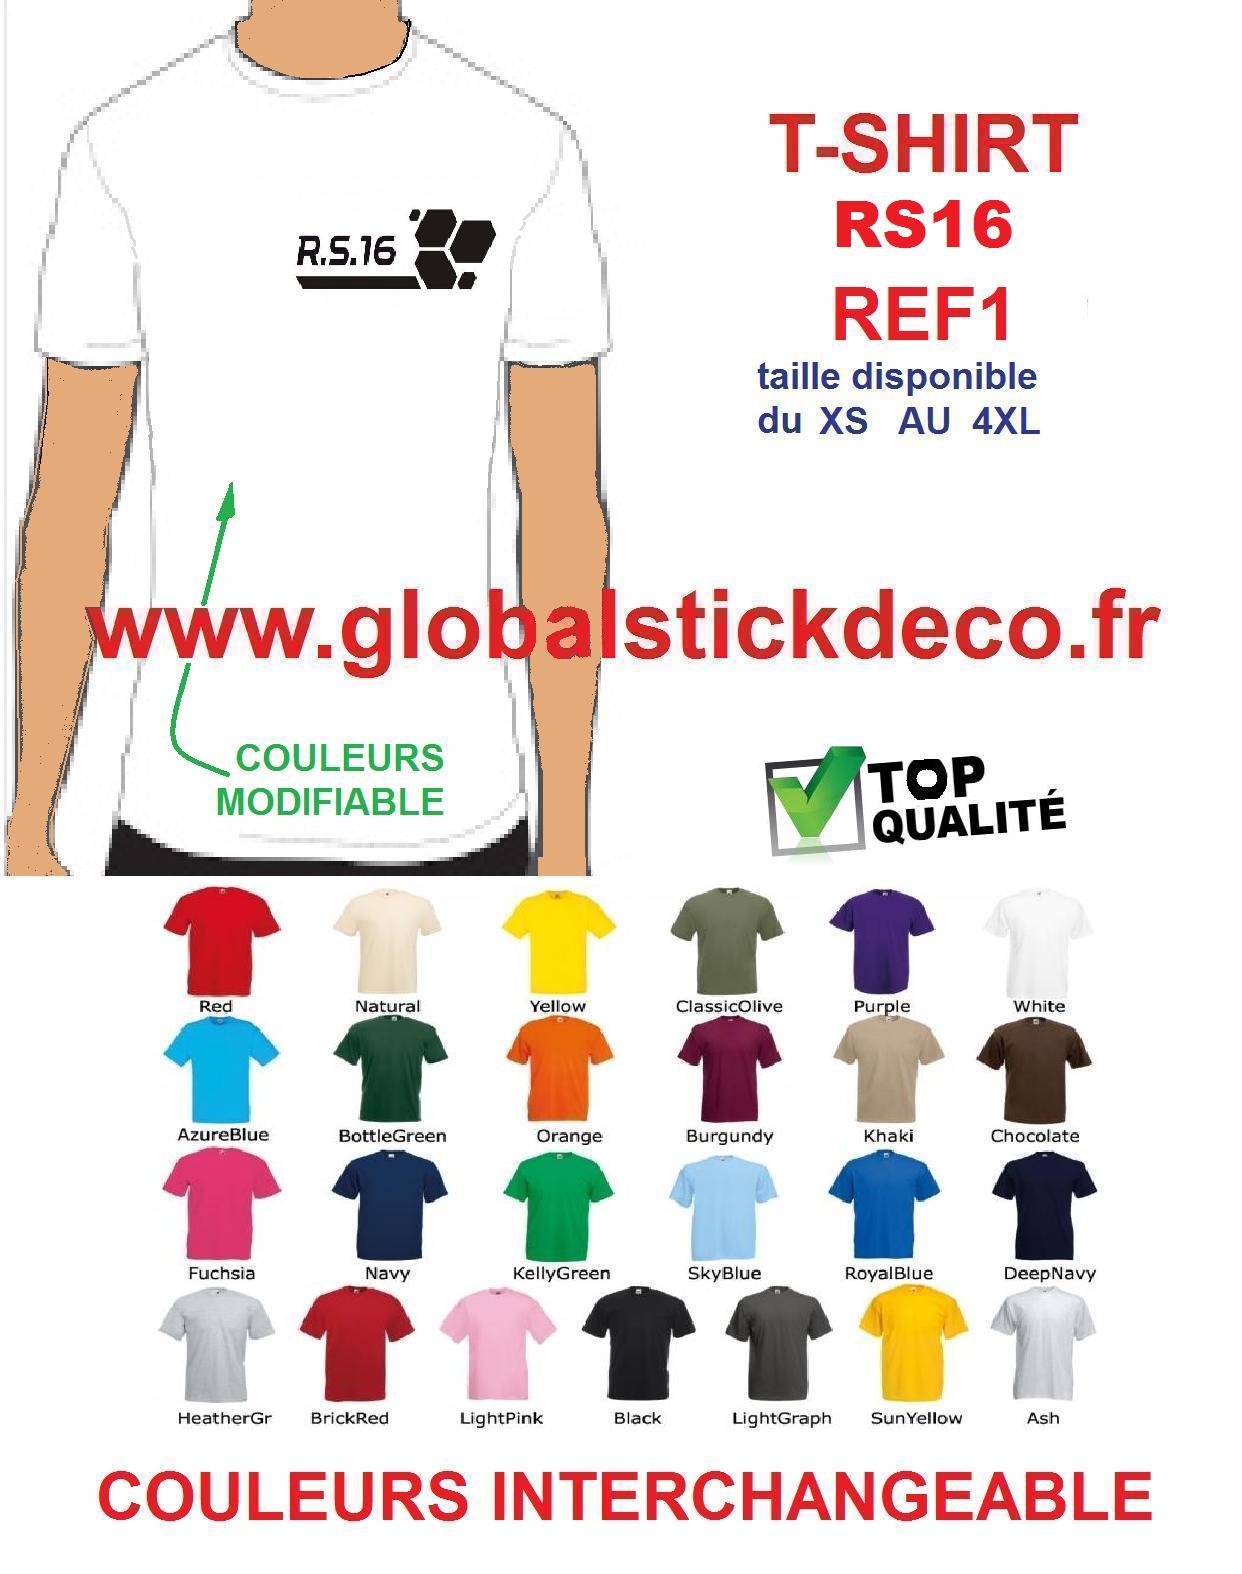 Maillot 2cv 10